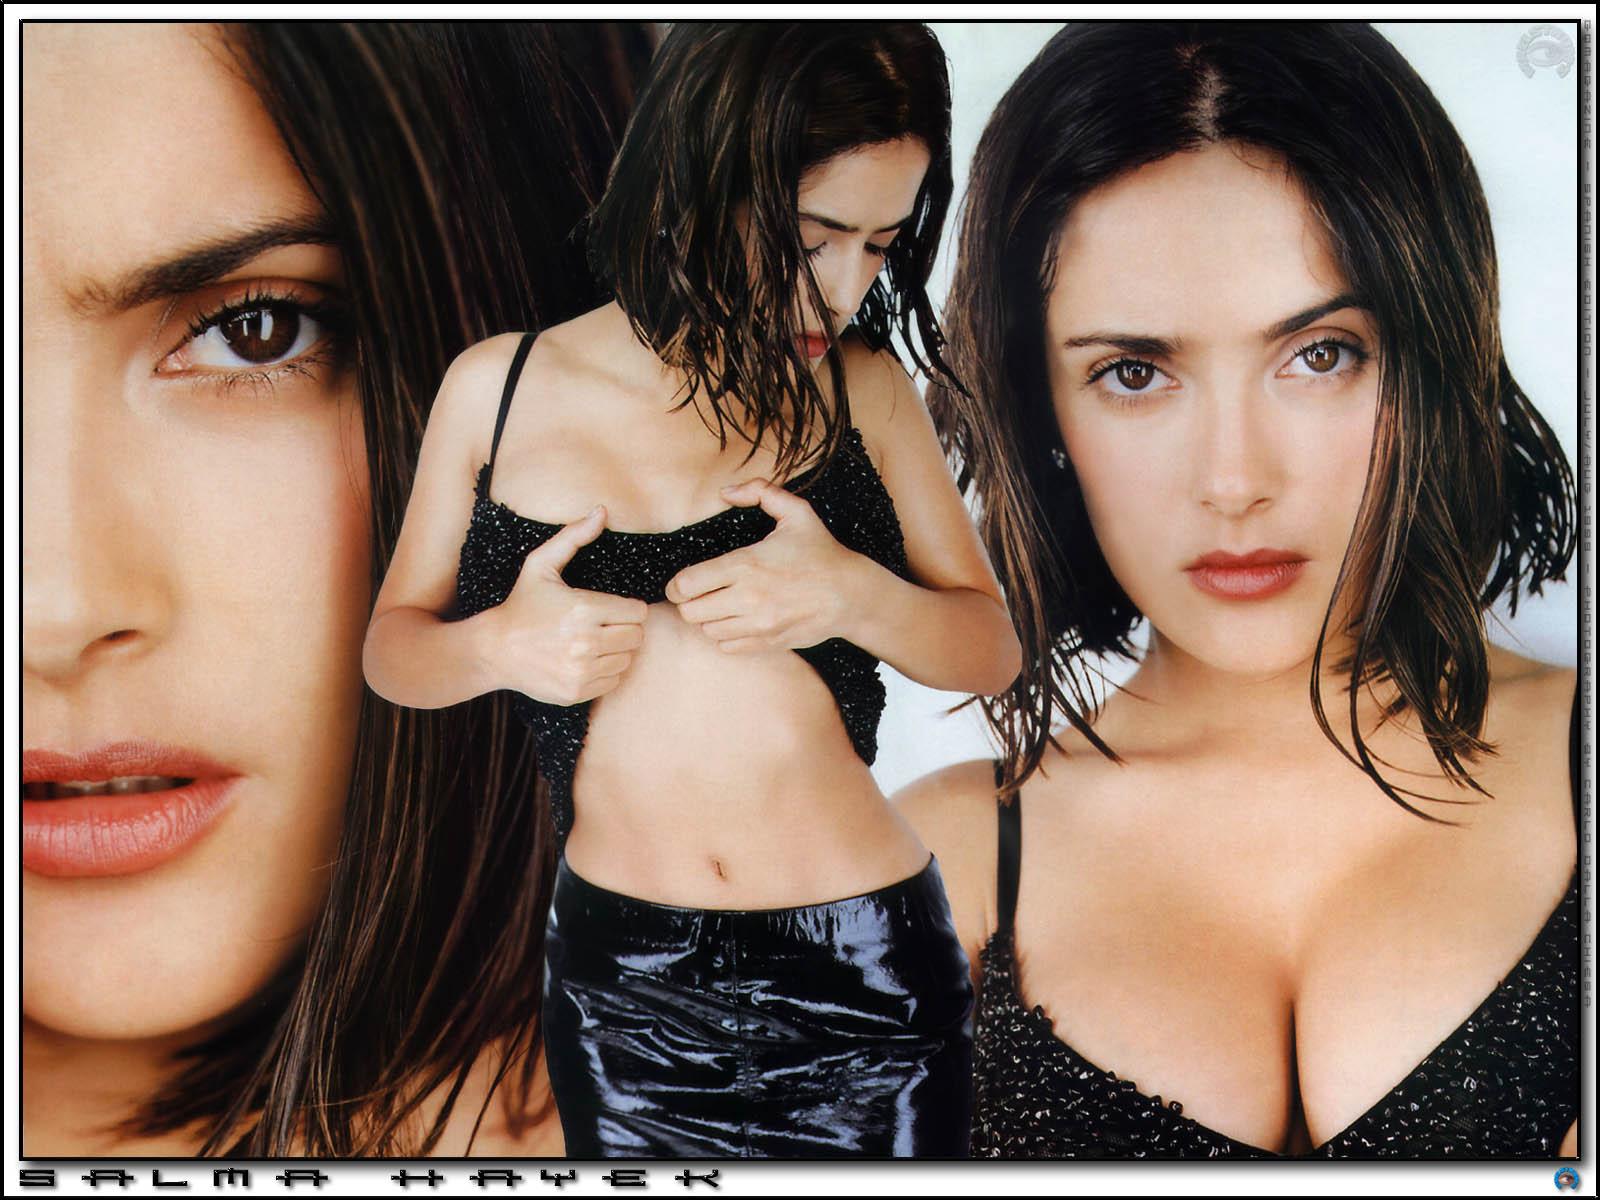 http://1.bp.blogspot.com/_btStqF66eH0/TTde8OU30OI/AAAAAAAACdw/TyxgmcV07o8/s1600/Salma_Hayek_005.jpg